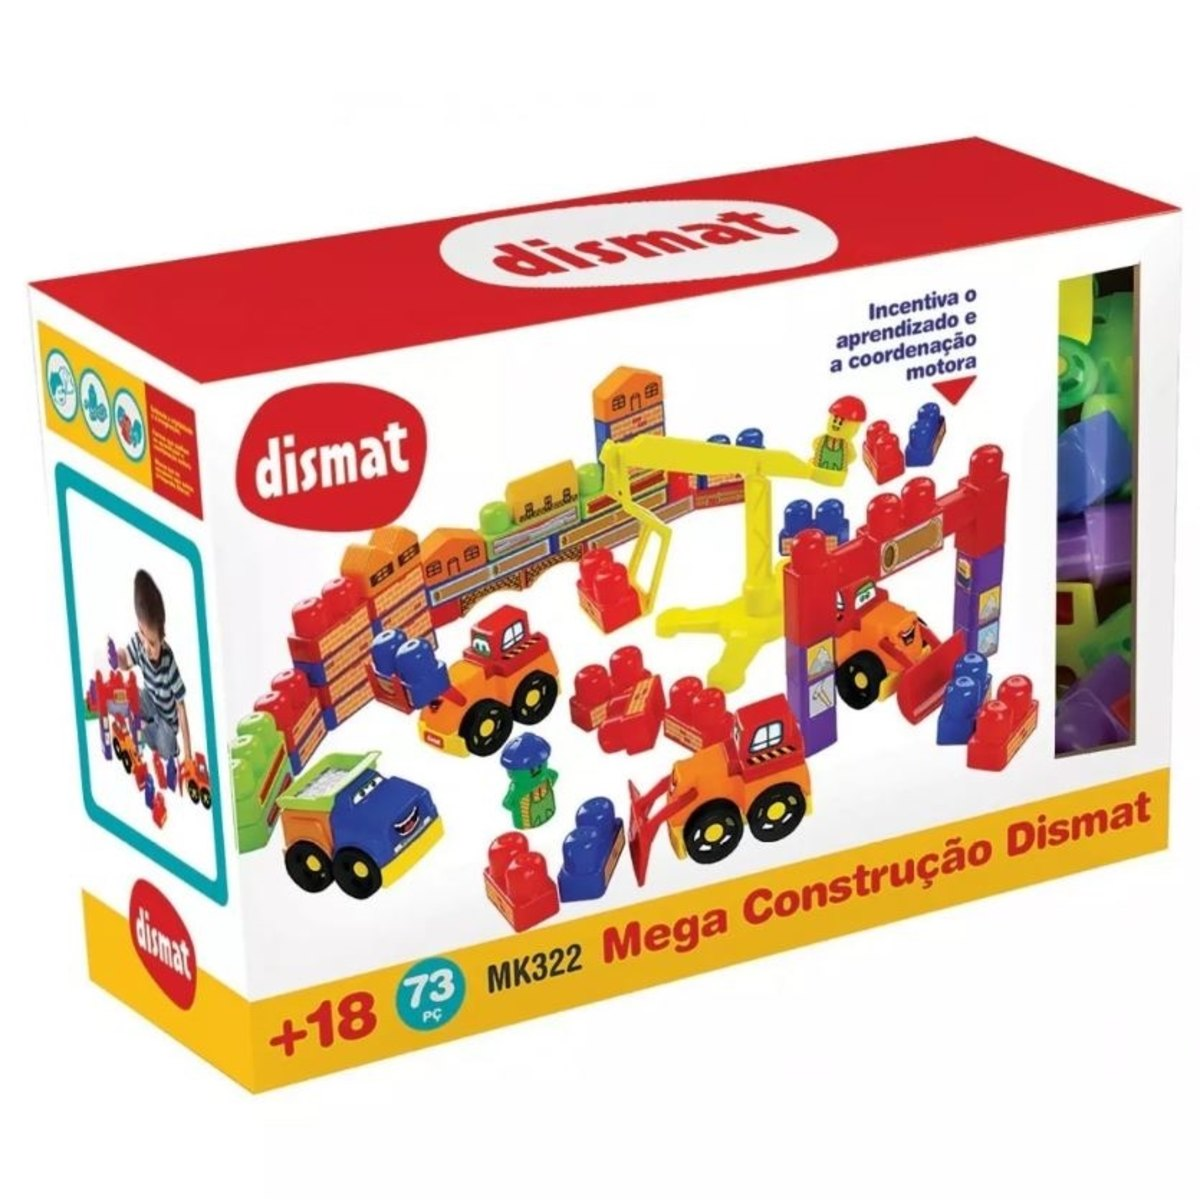 Brinquedo de Montar Mega Construção 73 Peças Blocos de Montar Dismat